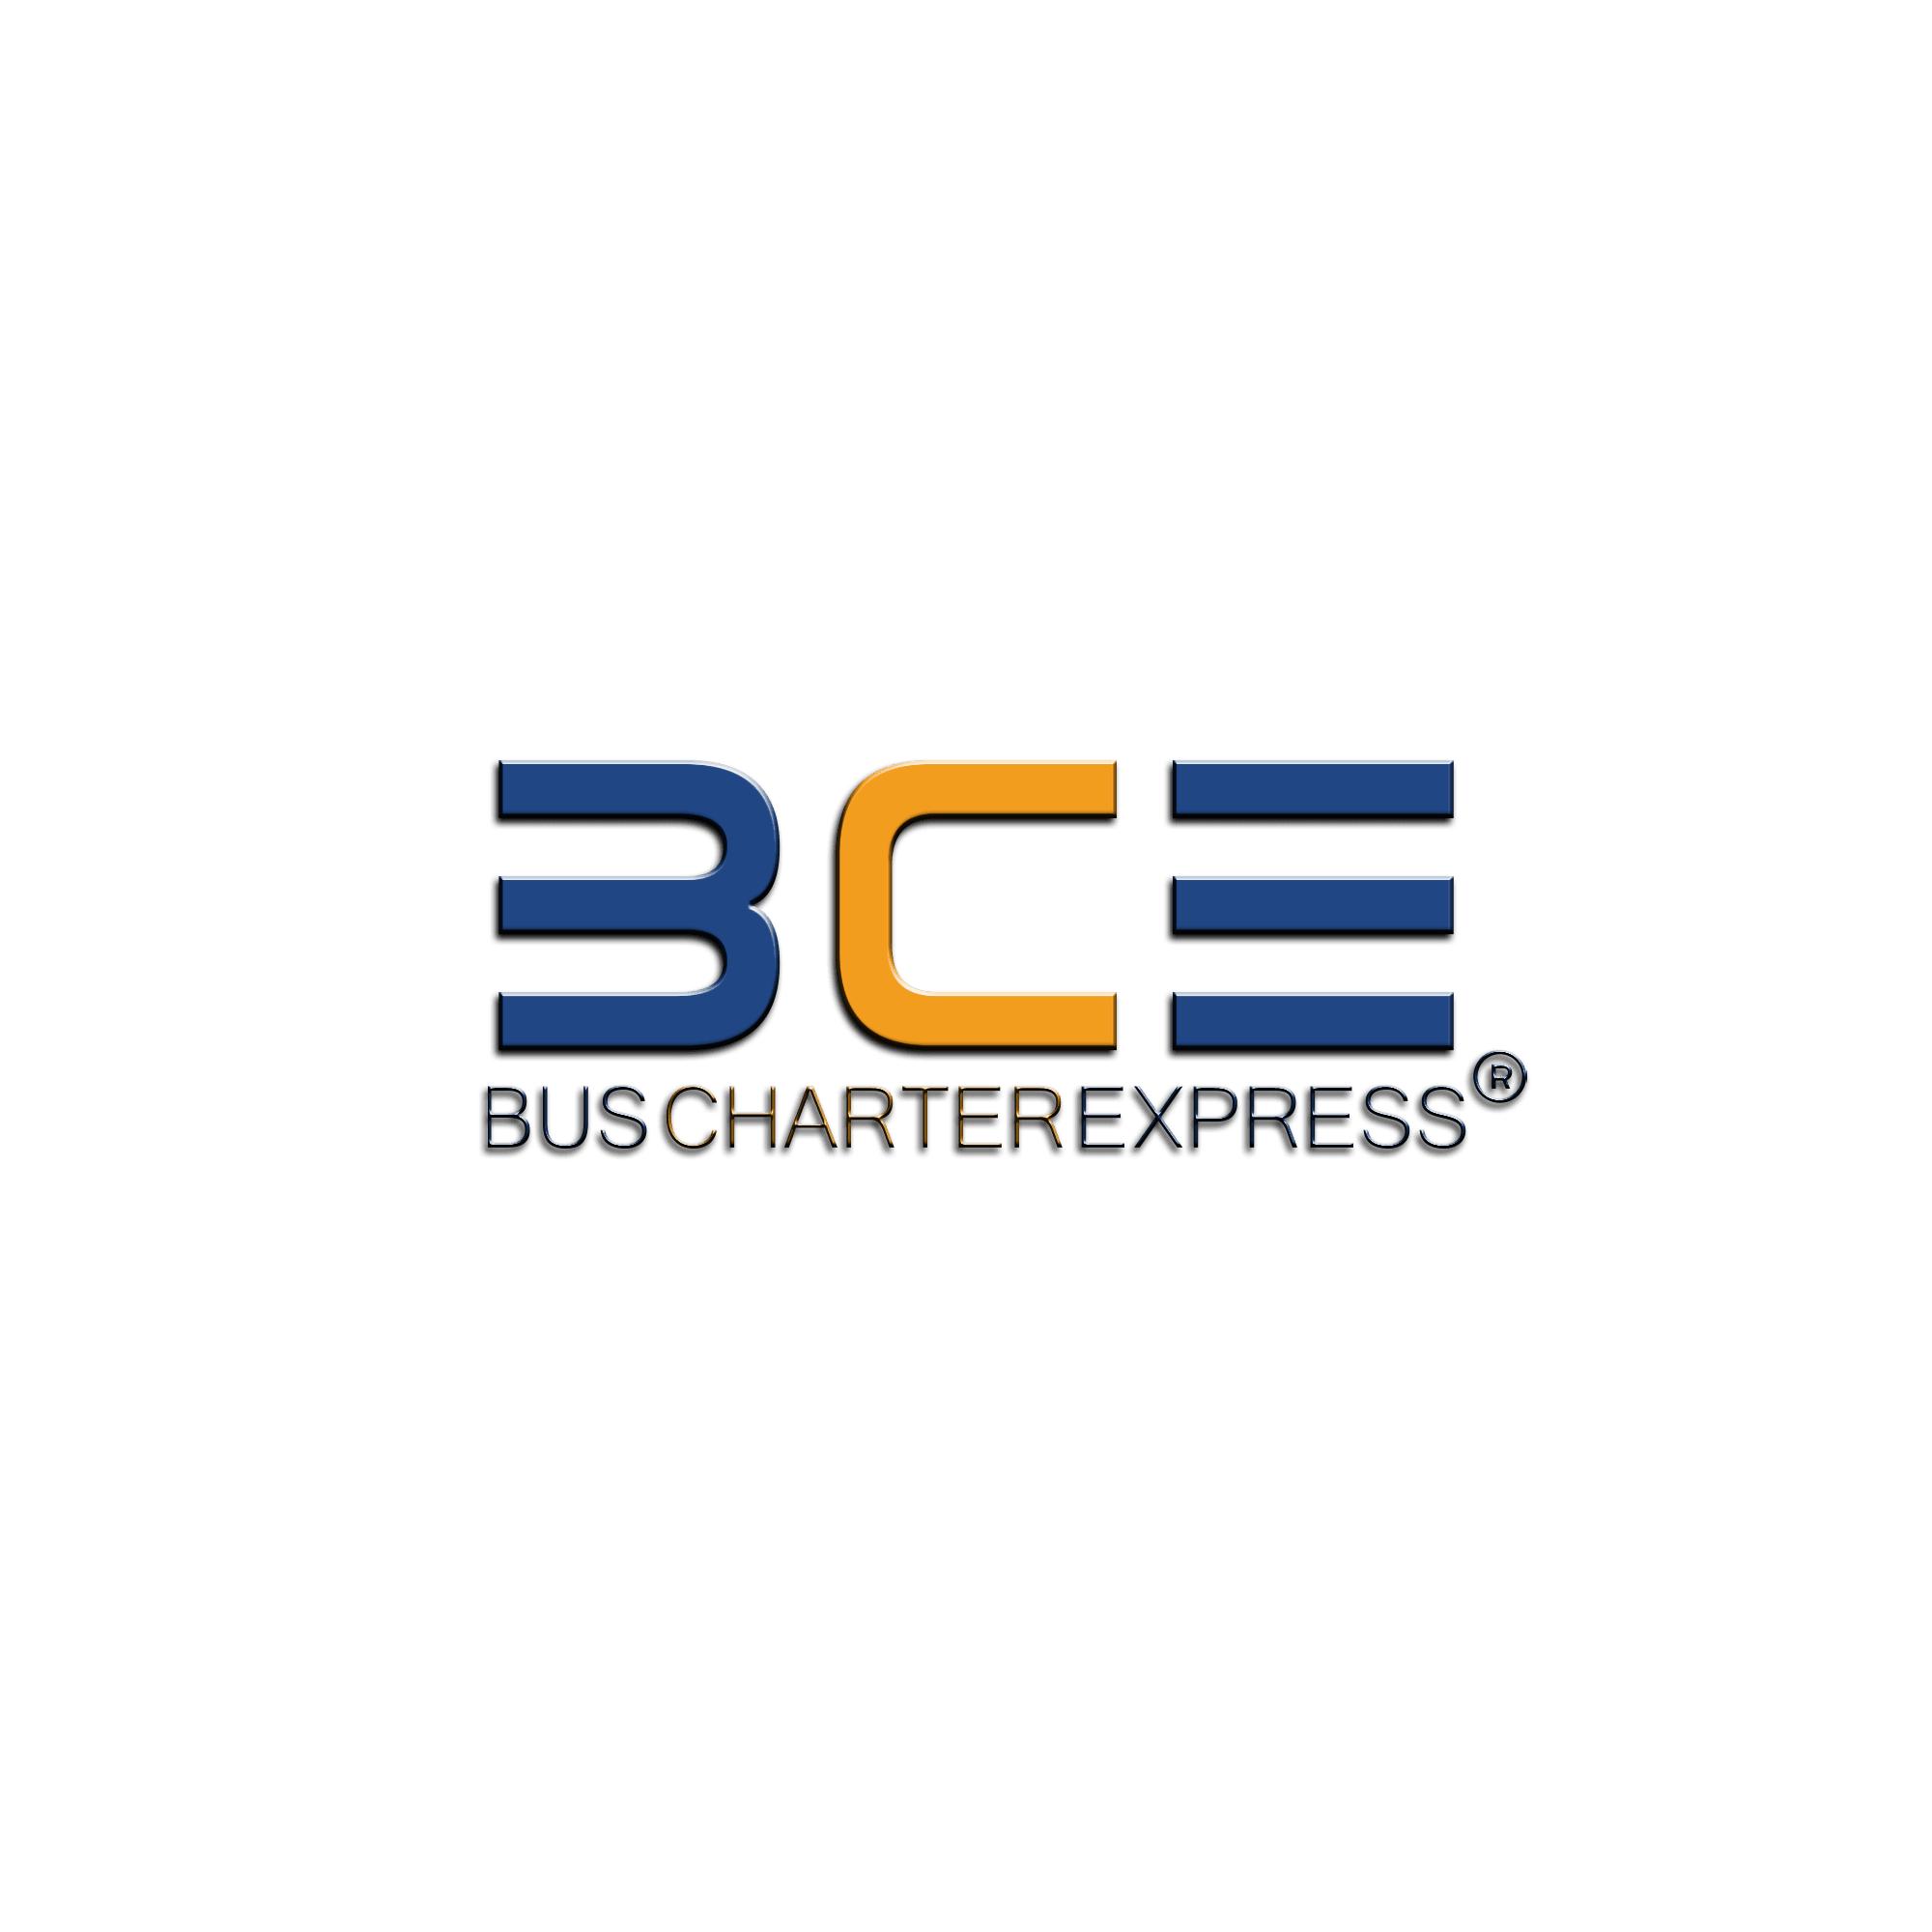 Bus Charter Express?